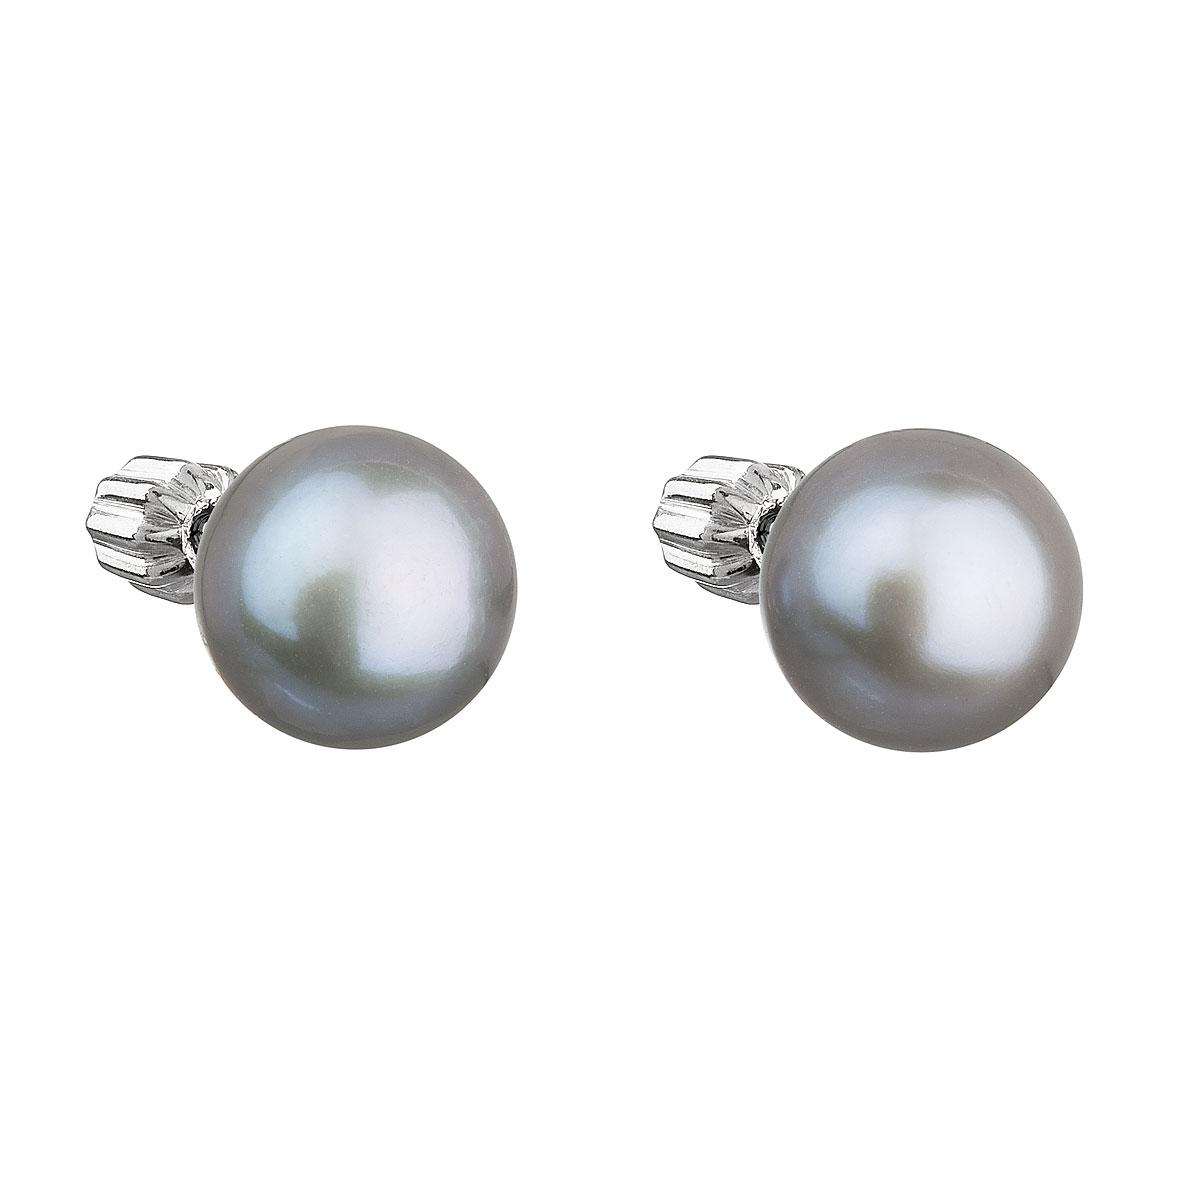 Strieborné náušnice kôstky so sivou riečnou perlou 21004.3